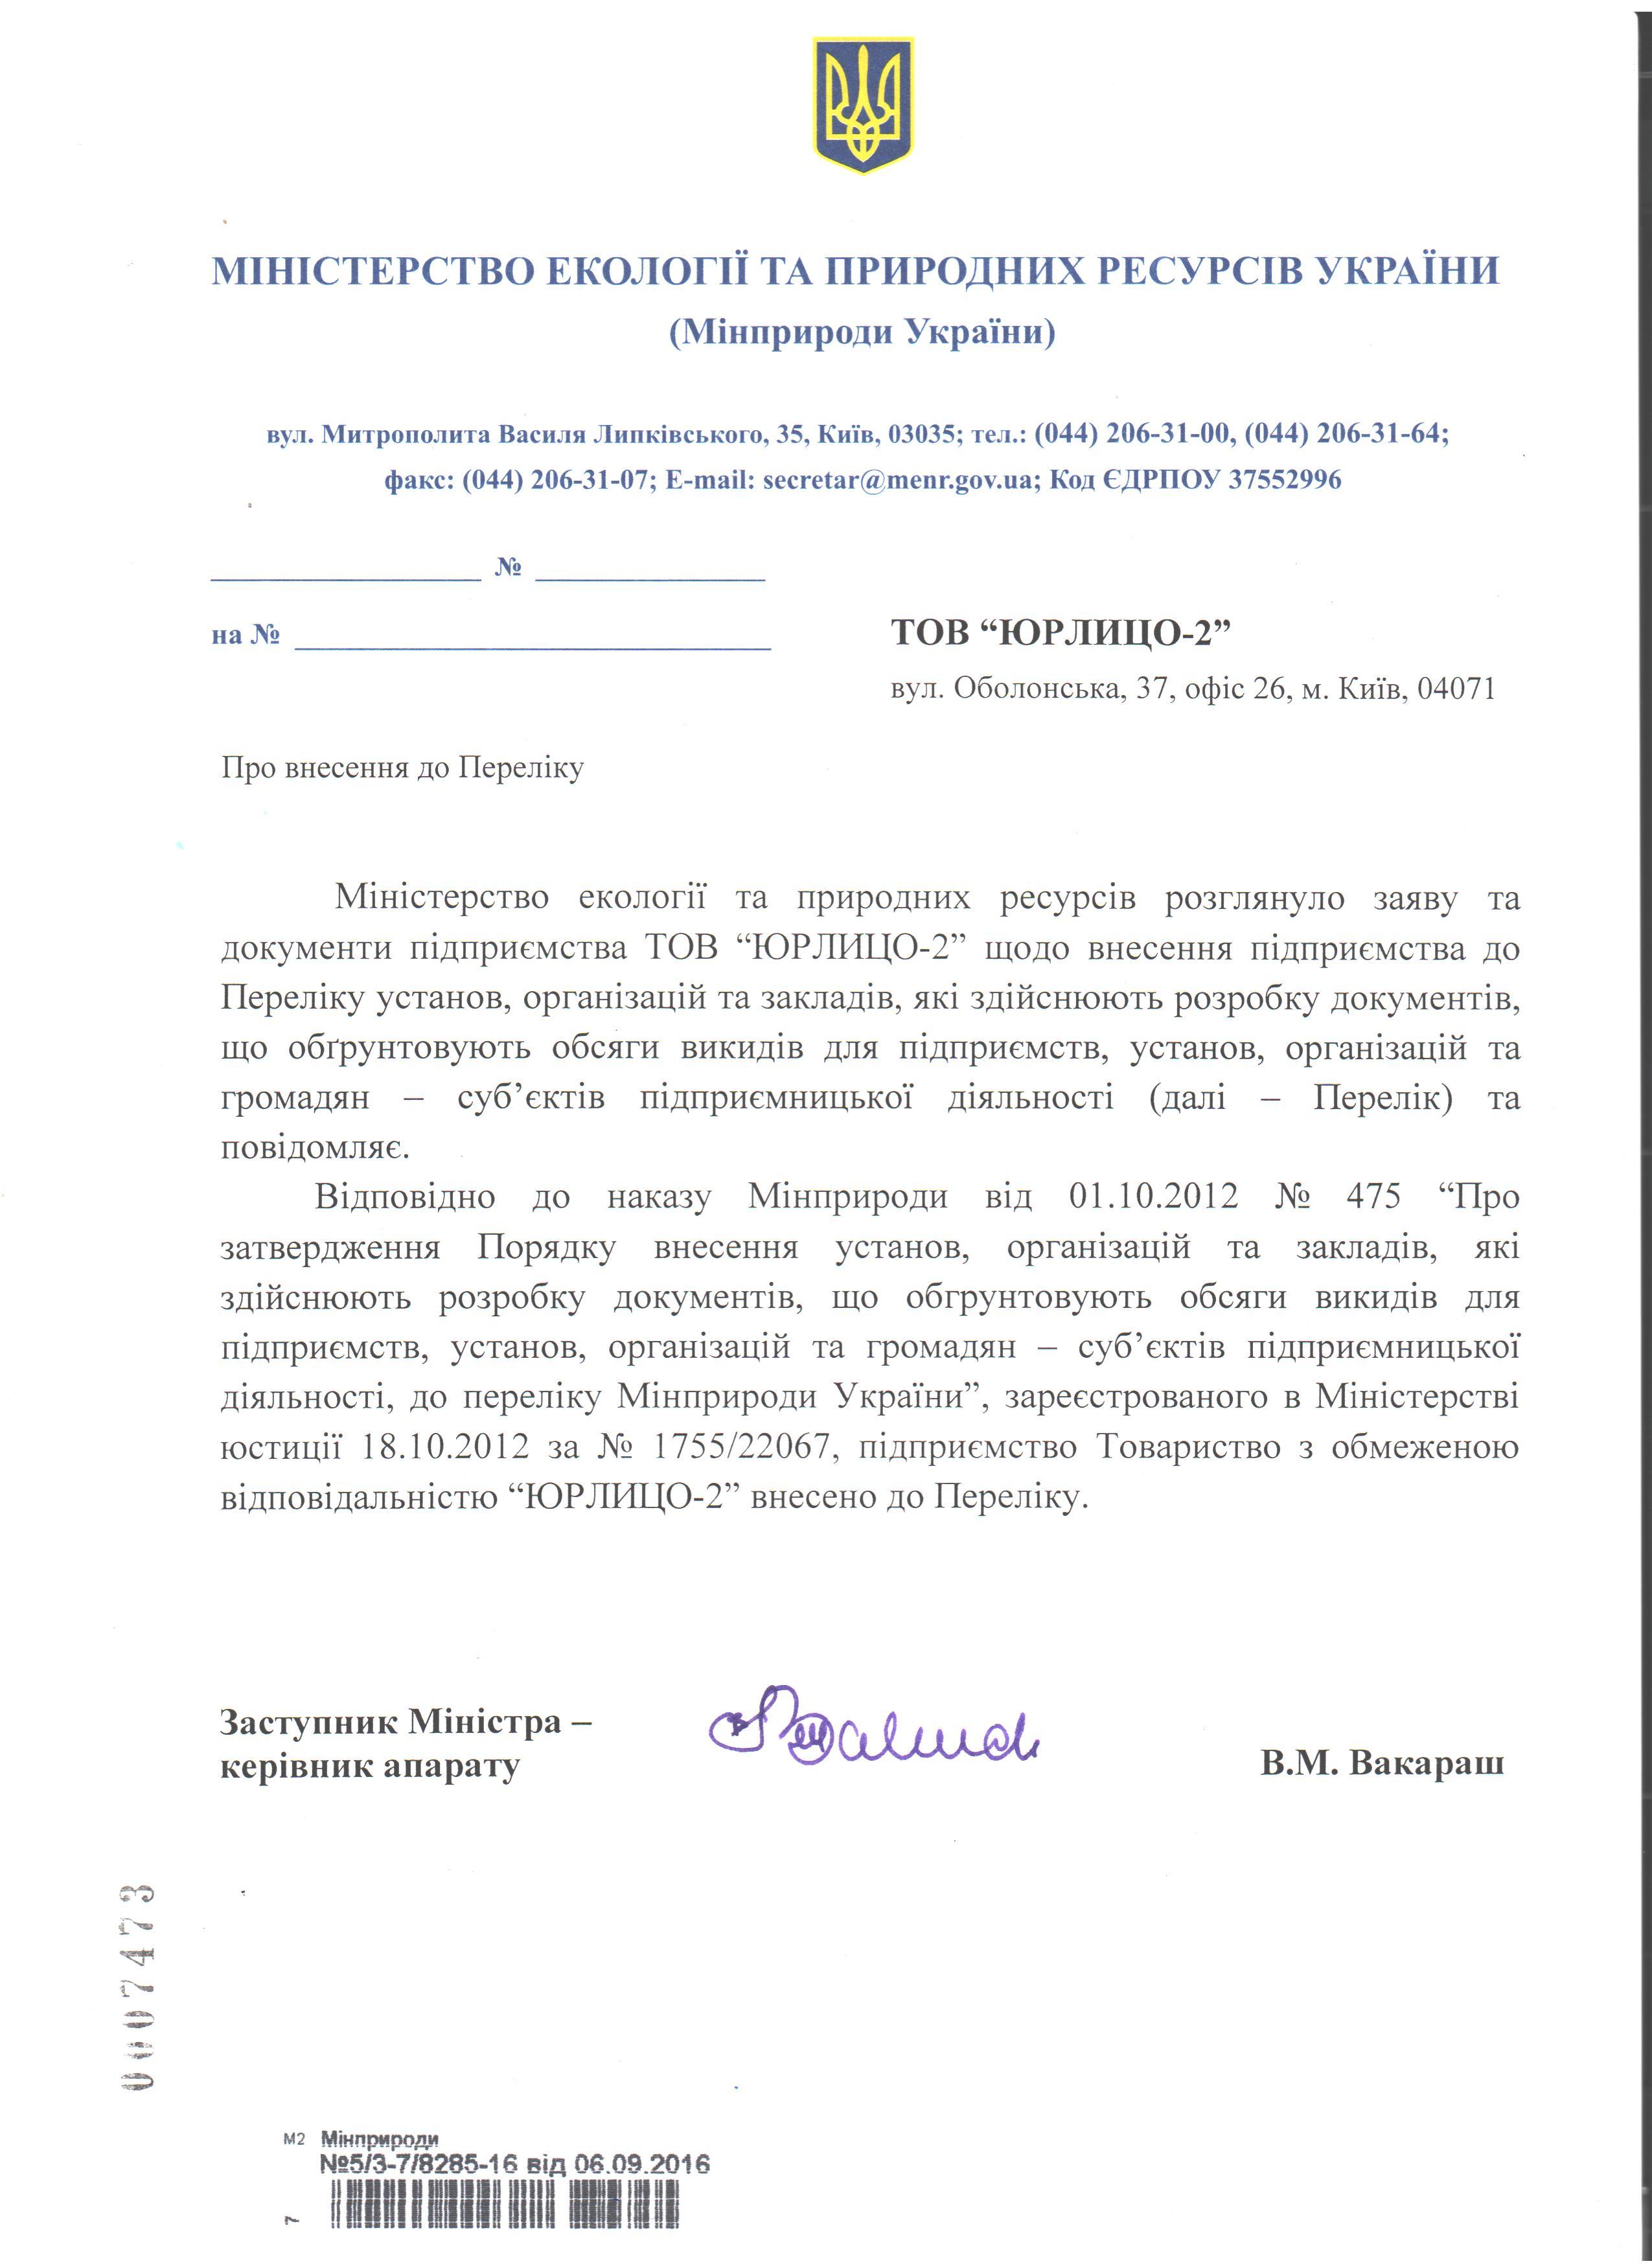 Регистрационное свидетельство ООО